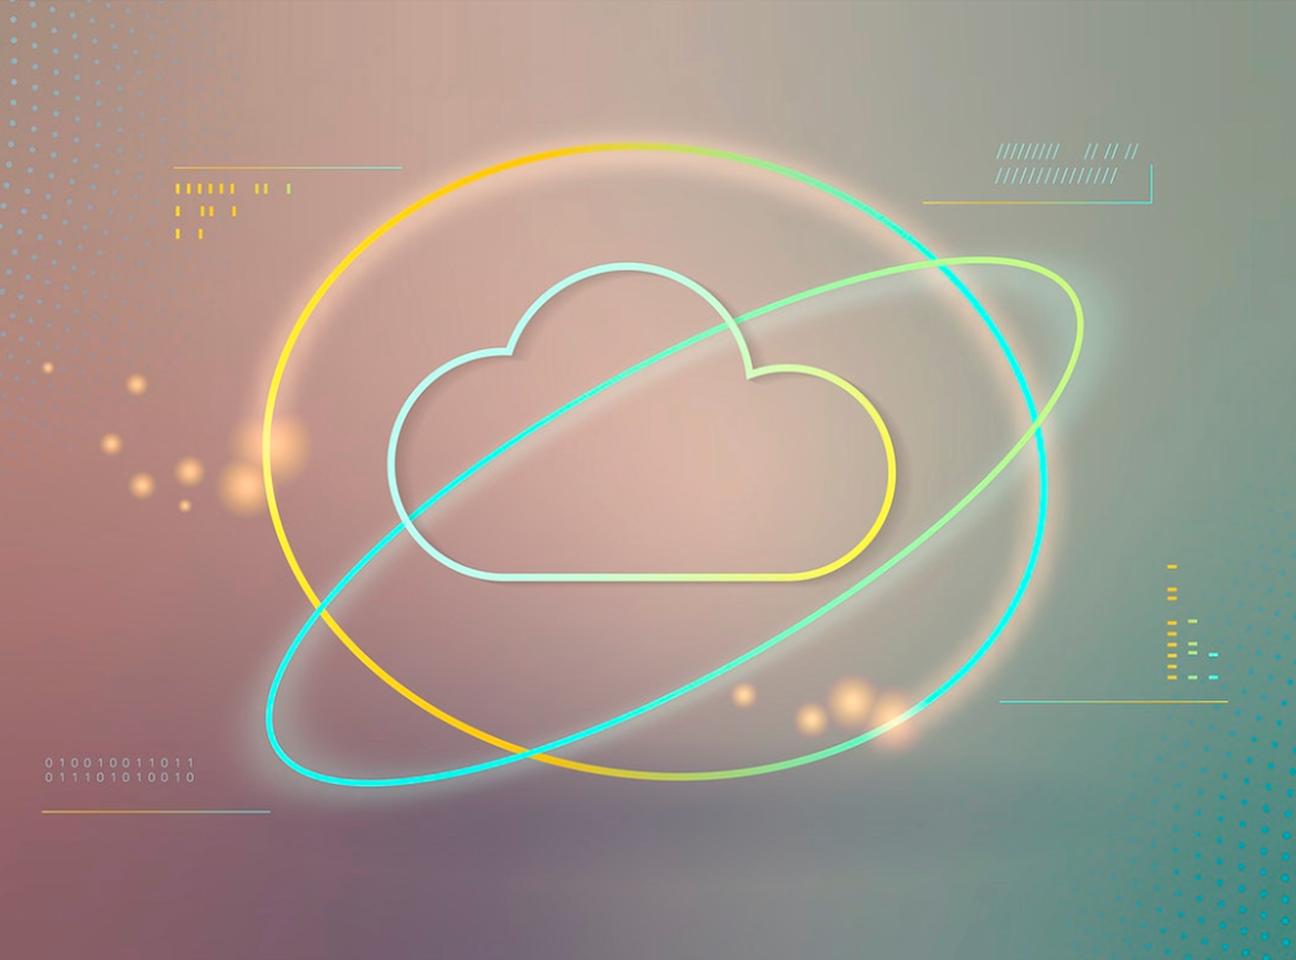 Как облачные сервисы помогают решать типовые и уникальные задачи